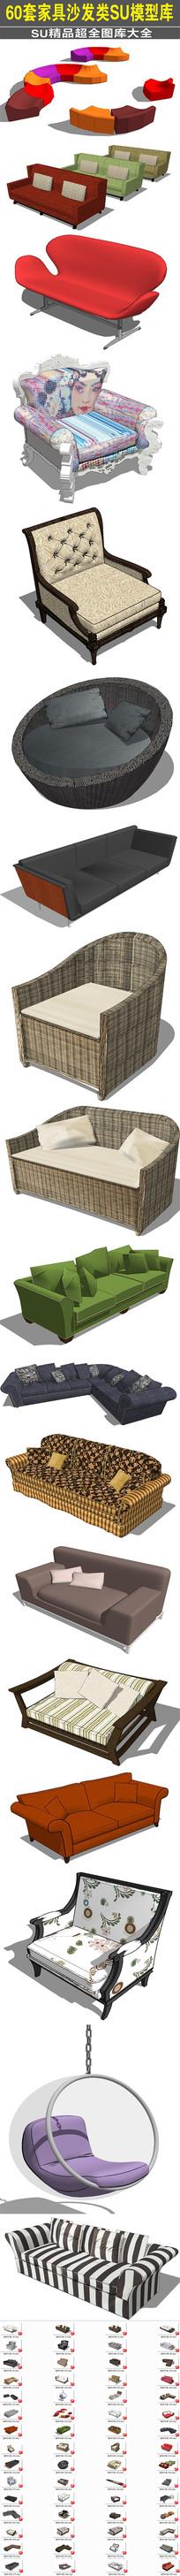 60套家具沙发类SU模型库